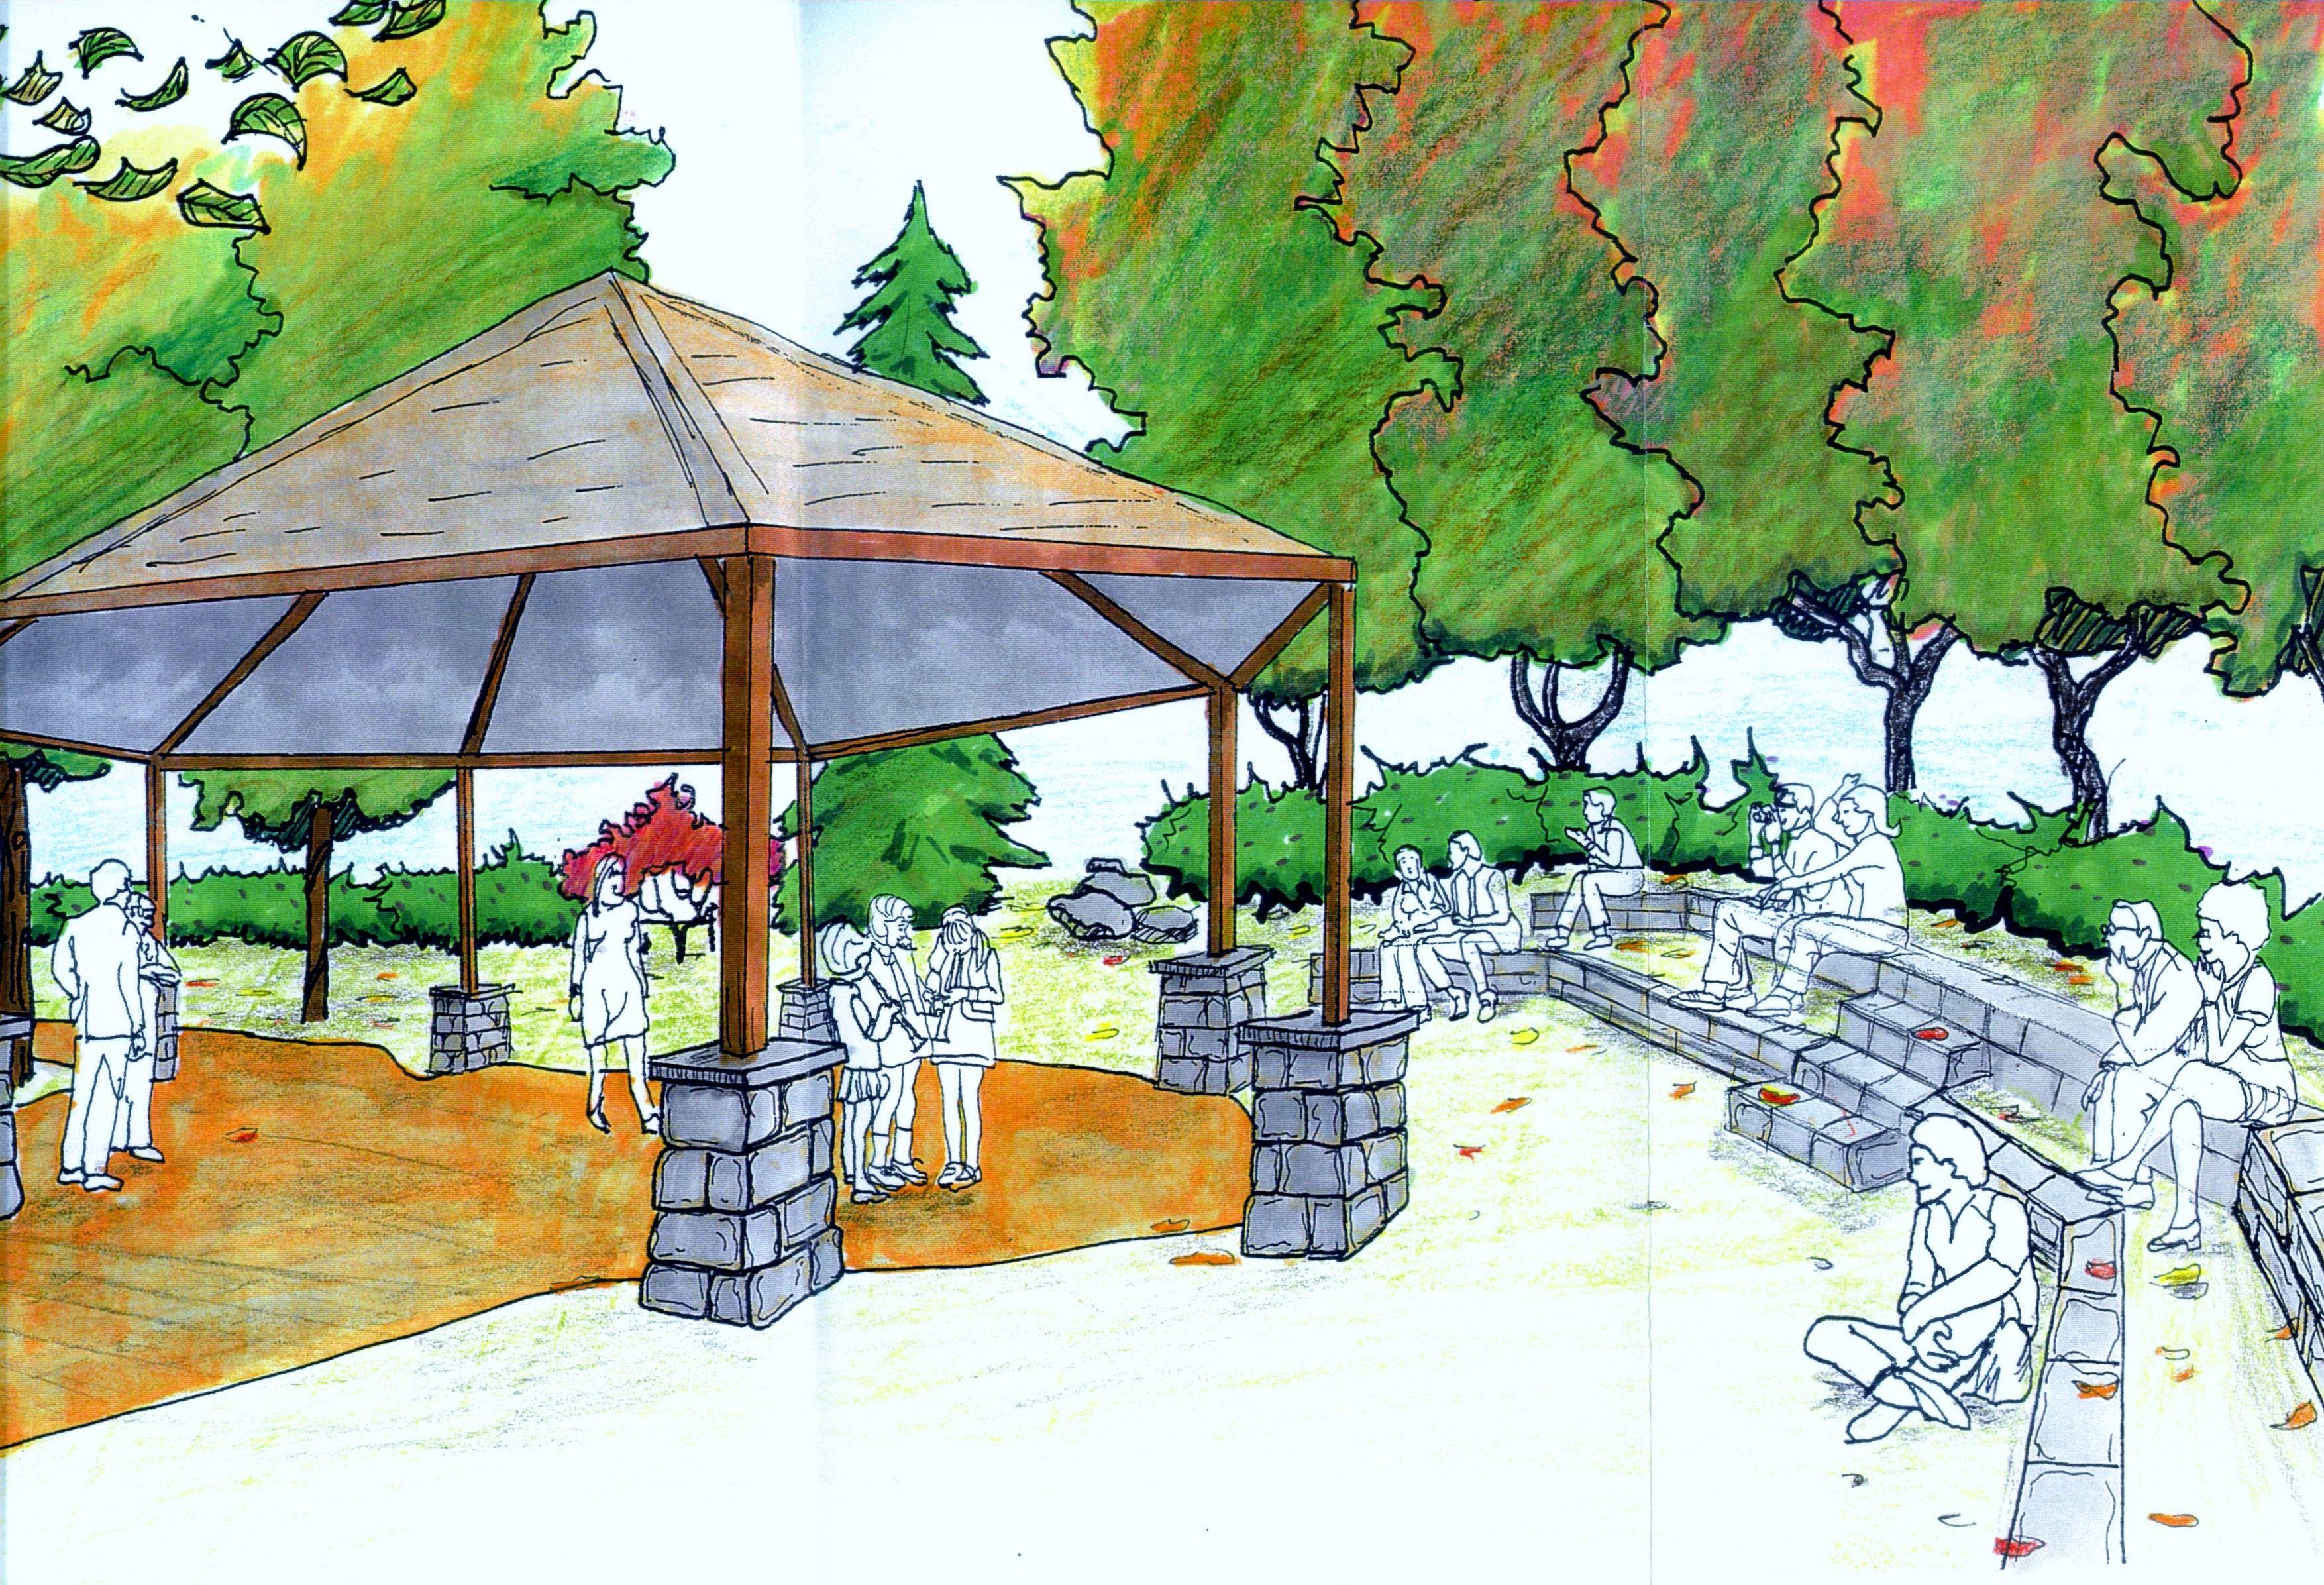 Public Park The M Group Landscape Design Build Site Planning Landscape Design Building Design Site Plan